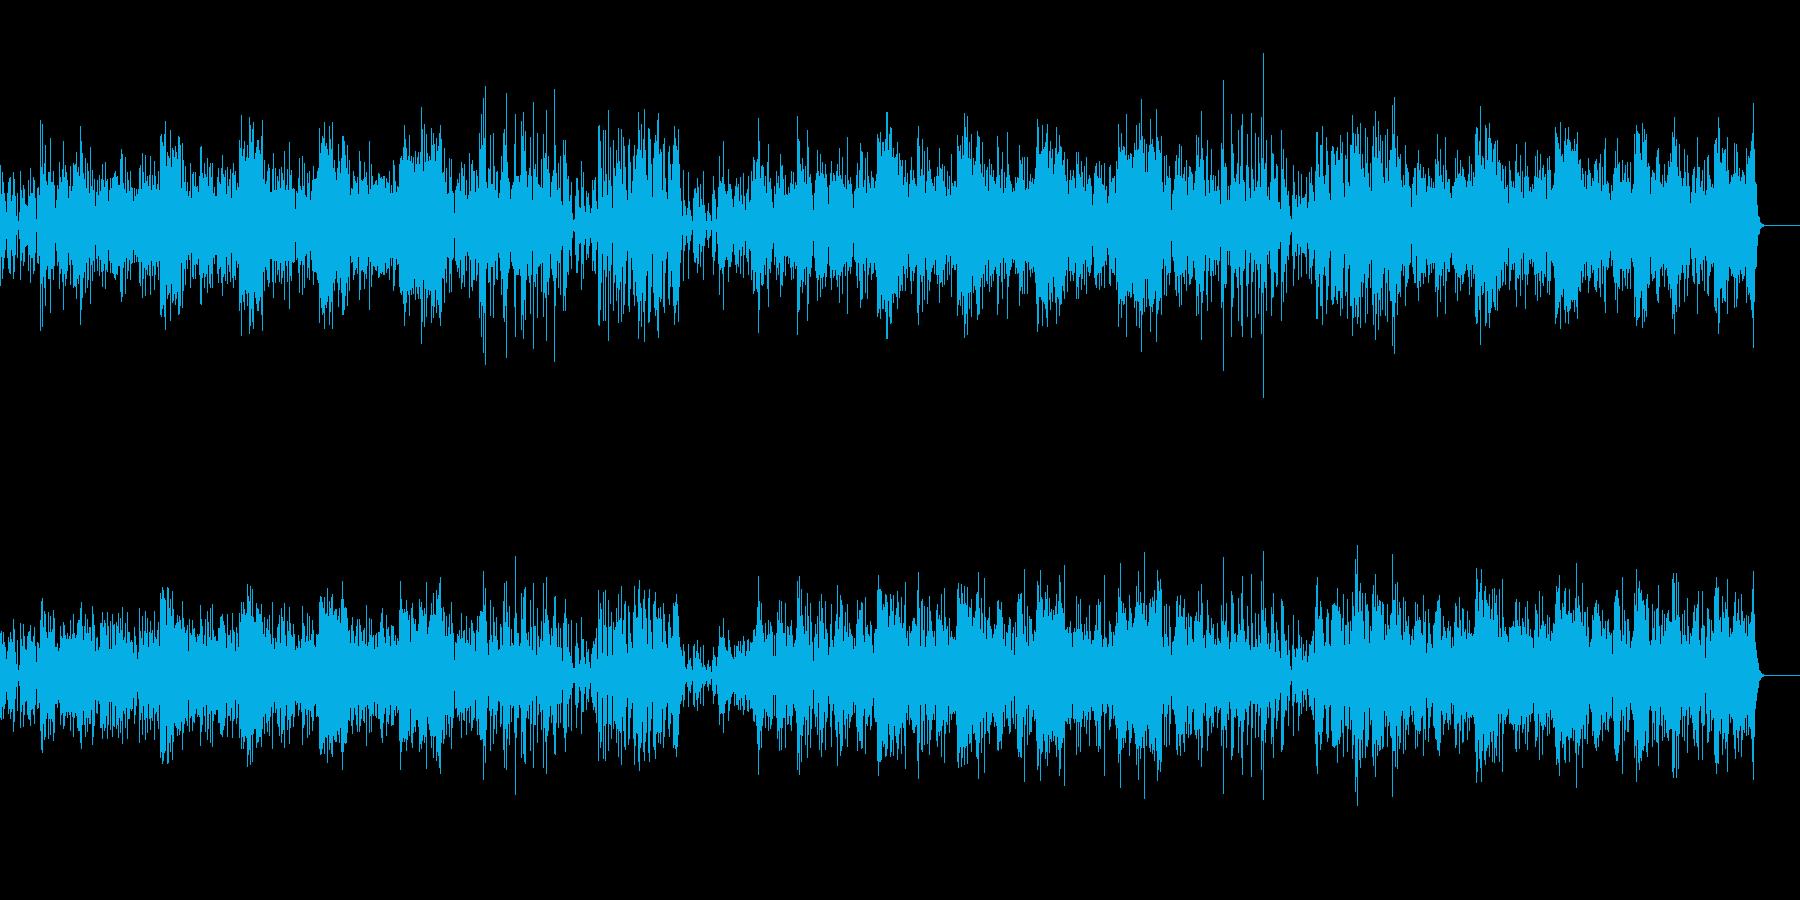 サバンナのアフリカン風ワールド系BGMの再生済みの波形